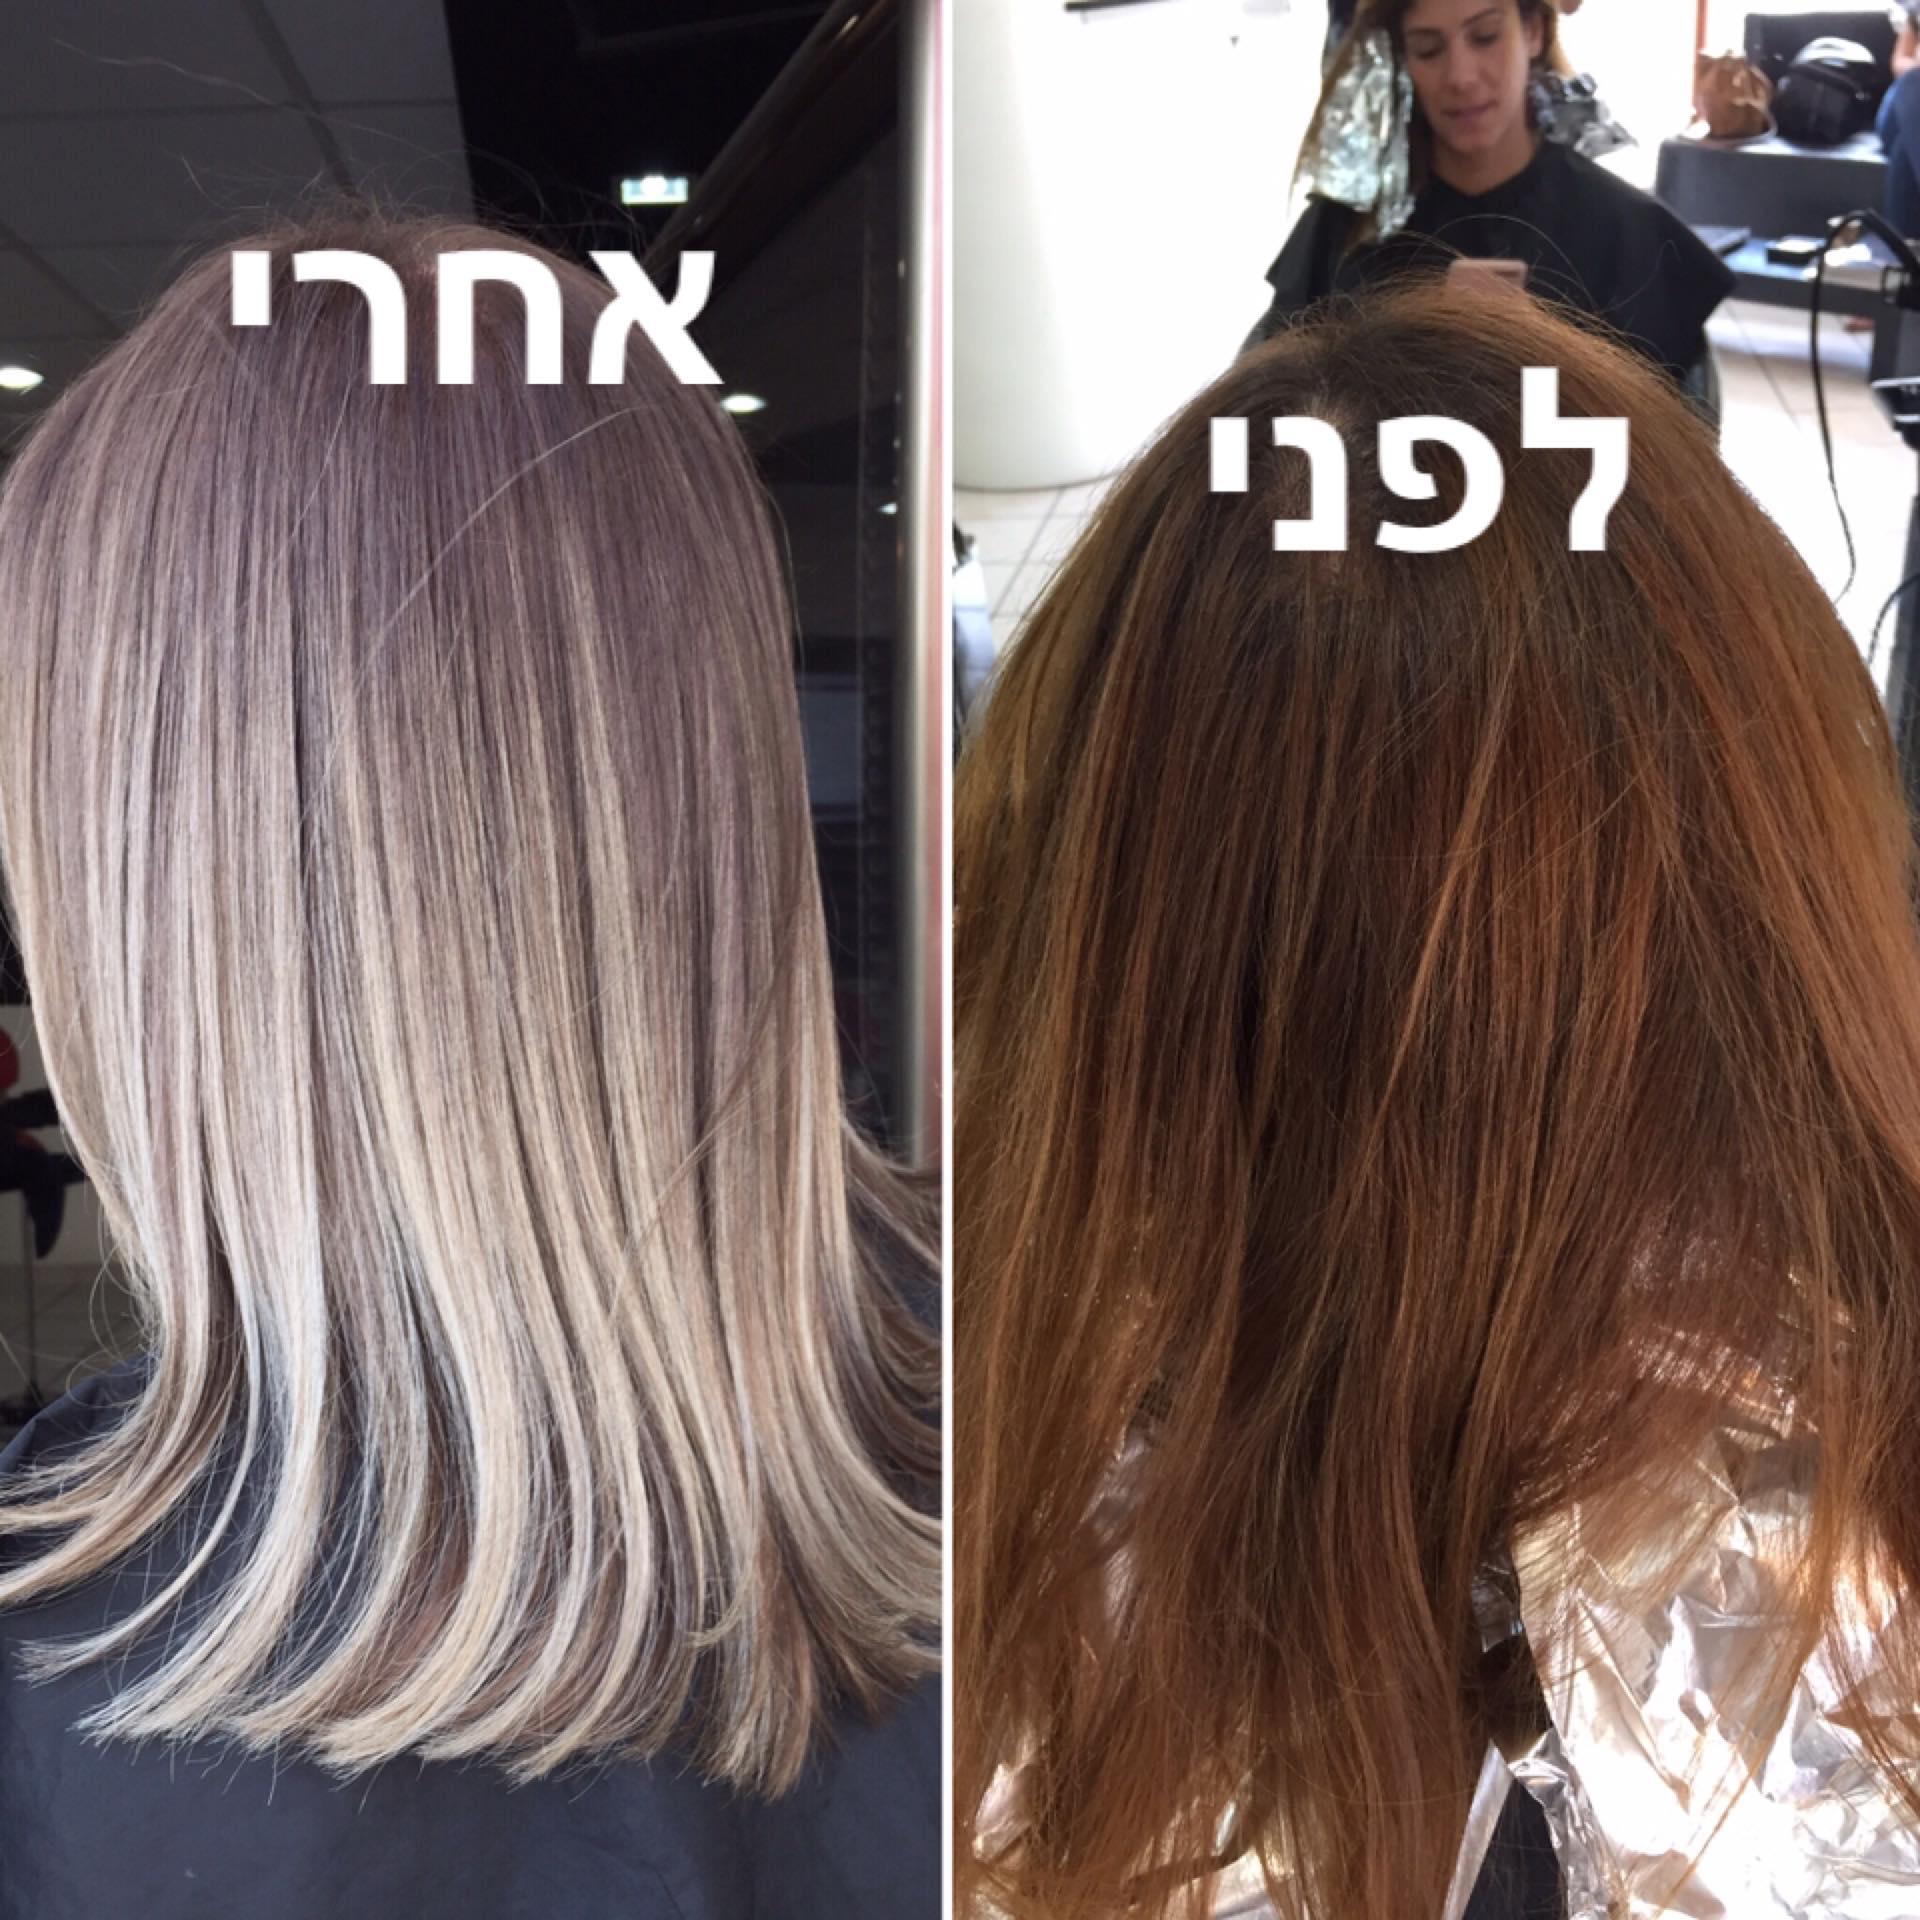 לפני ואחרי צבע שיער בלונד